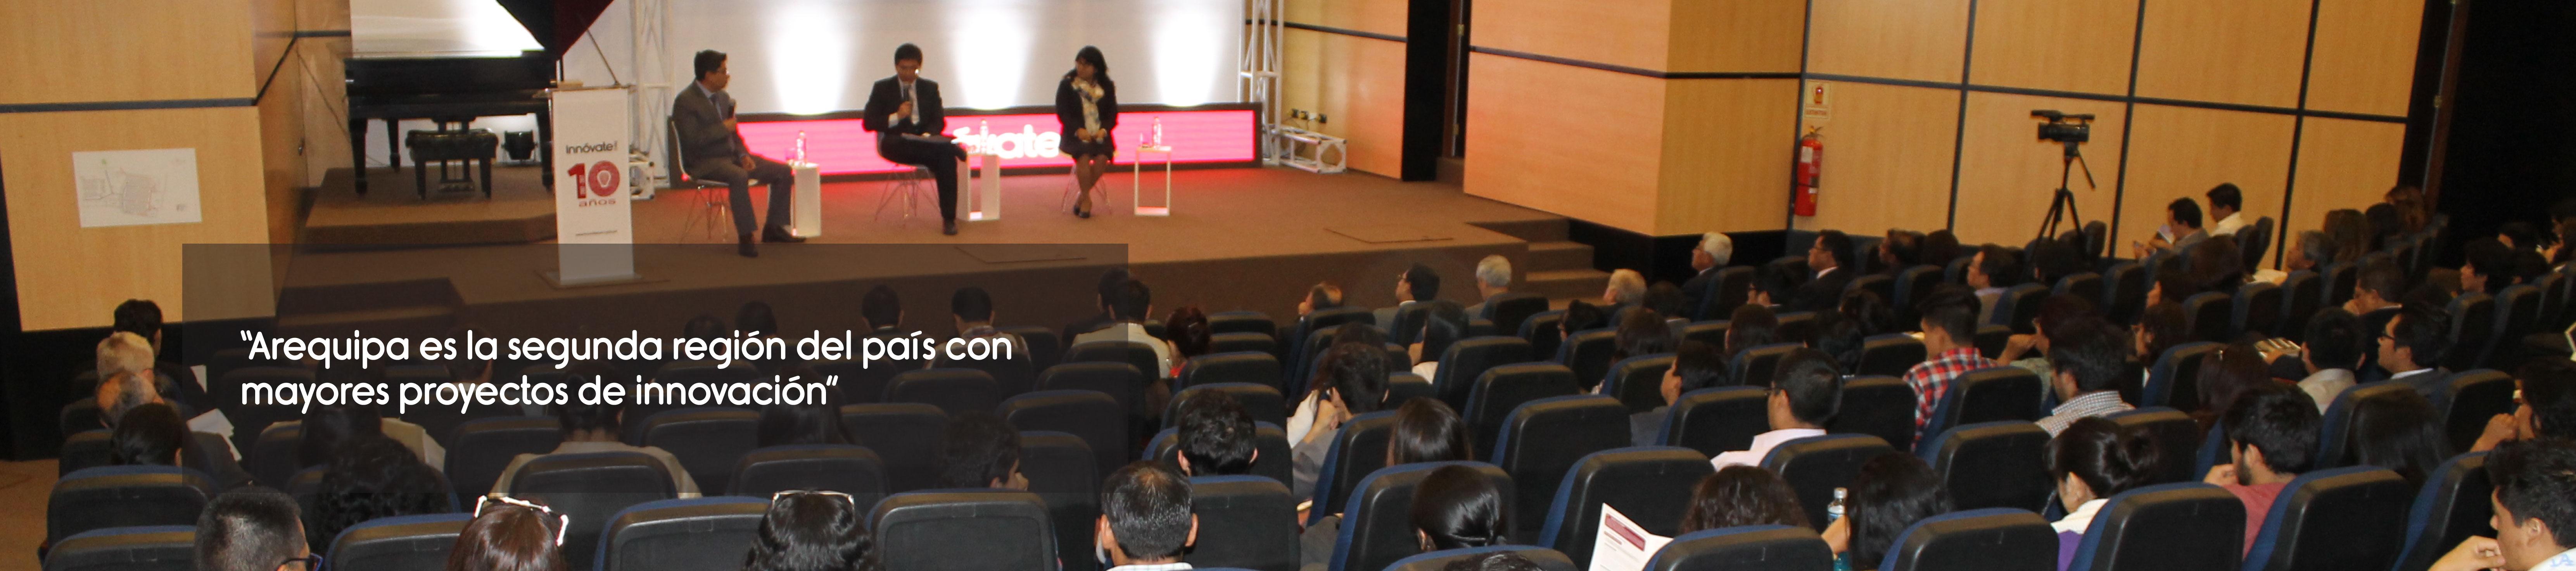 Arequipa es la segunda región del país con mayores proyectos de innovación